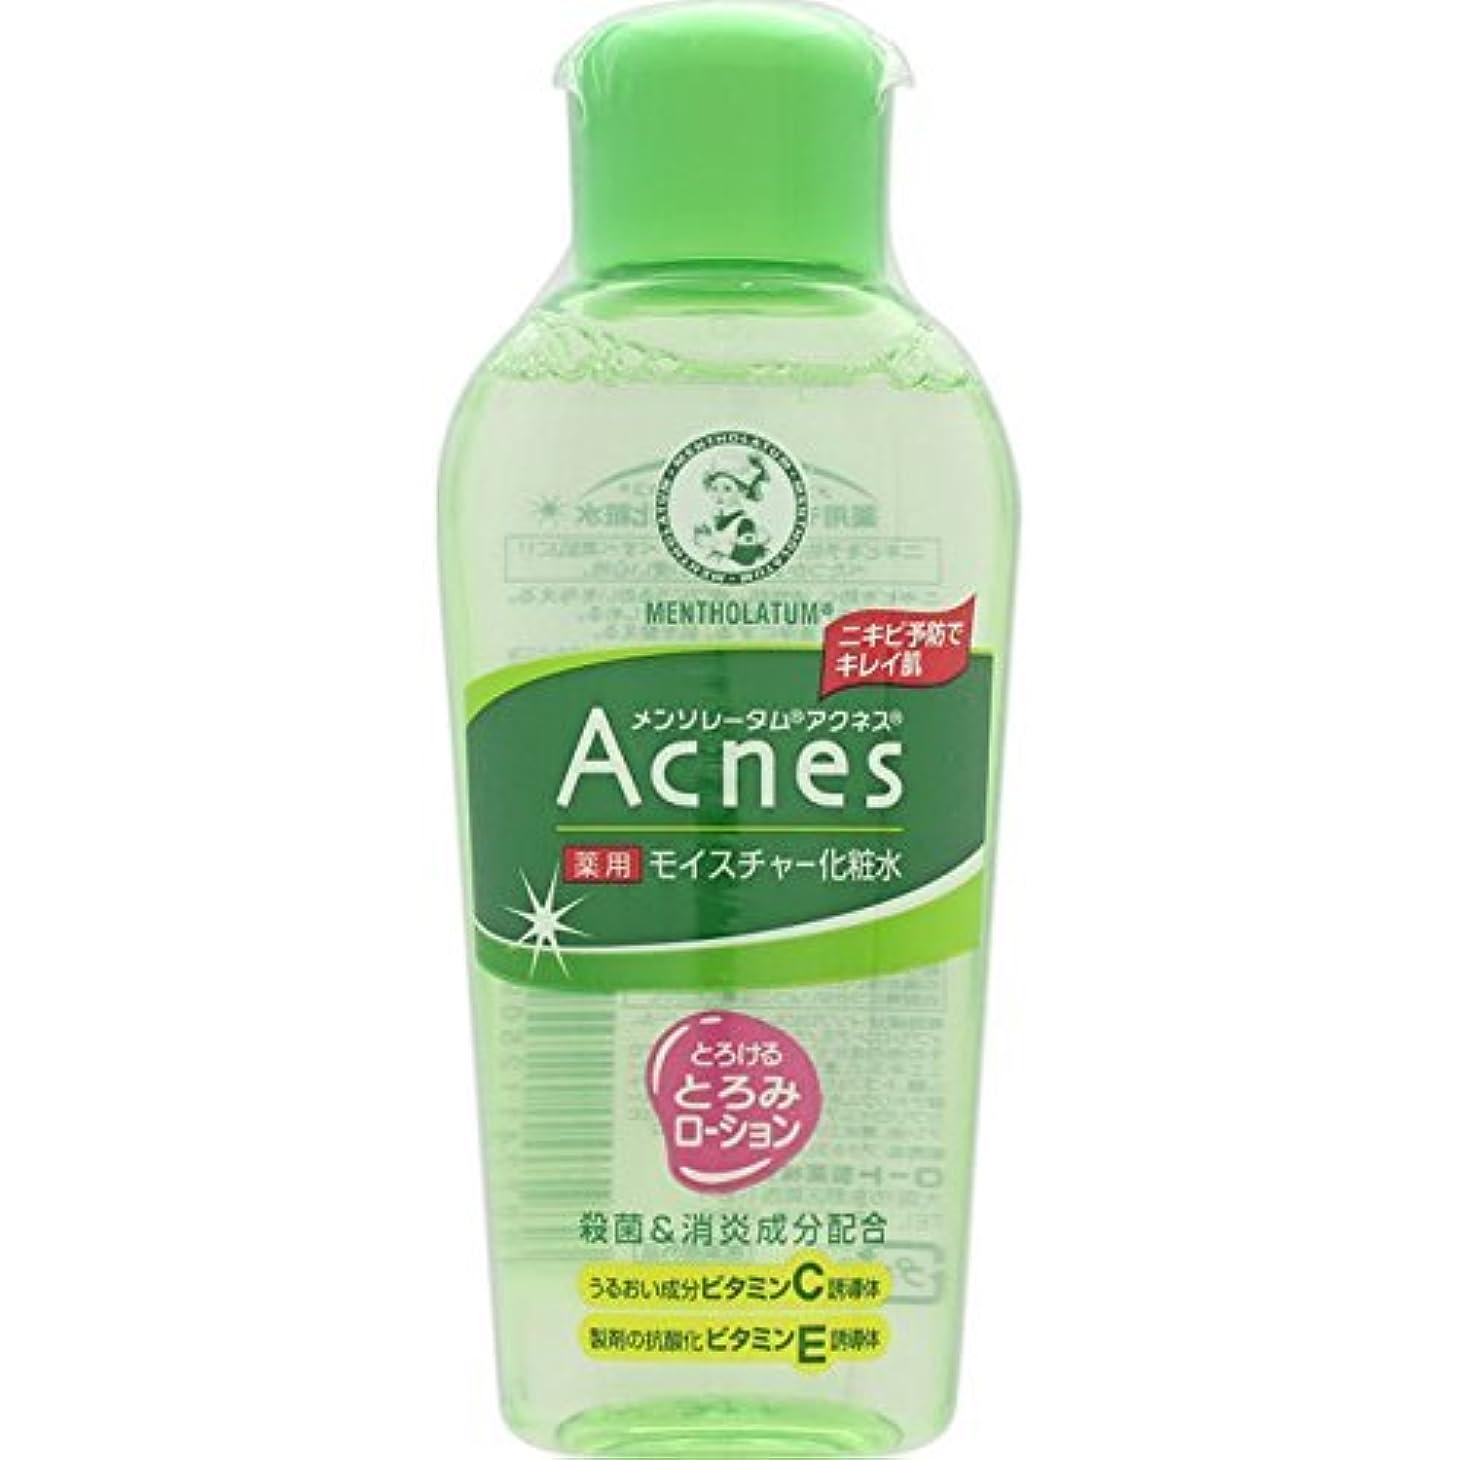 報奨金プラスランチョンAcnes(アクネス) 薬用モイスチャー化粧水 120mL【医薬部外品】